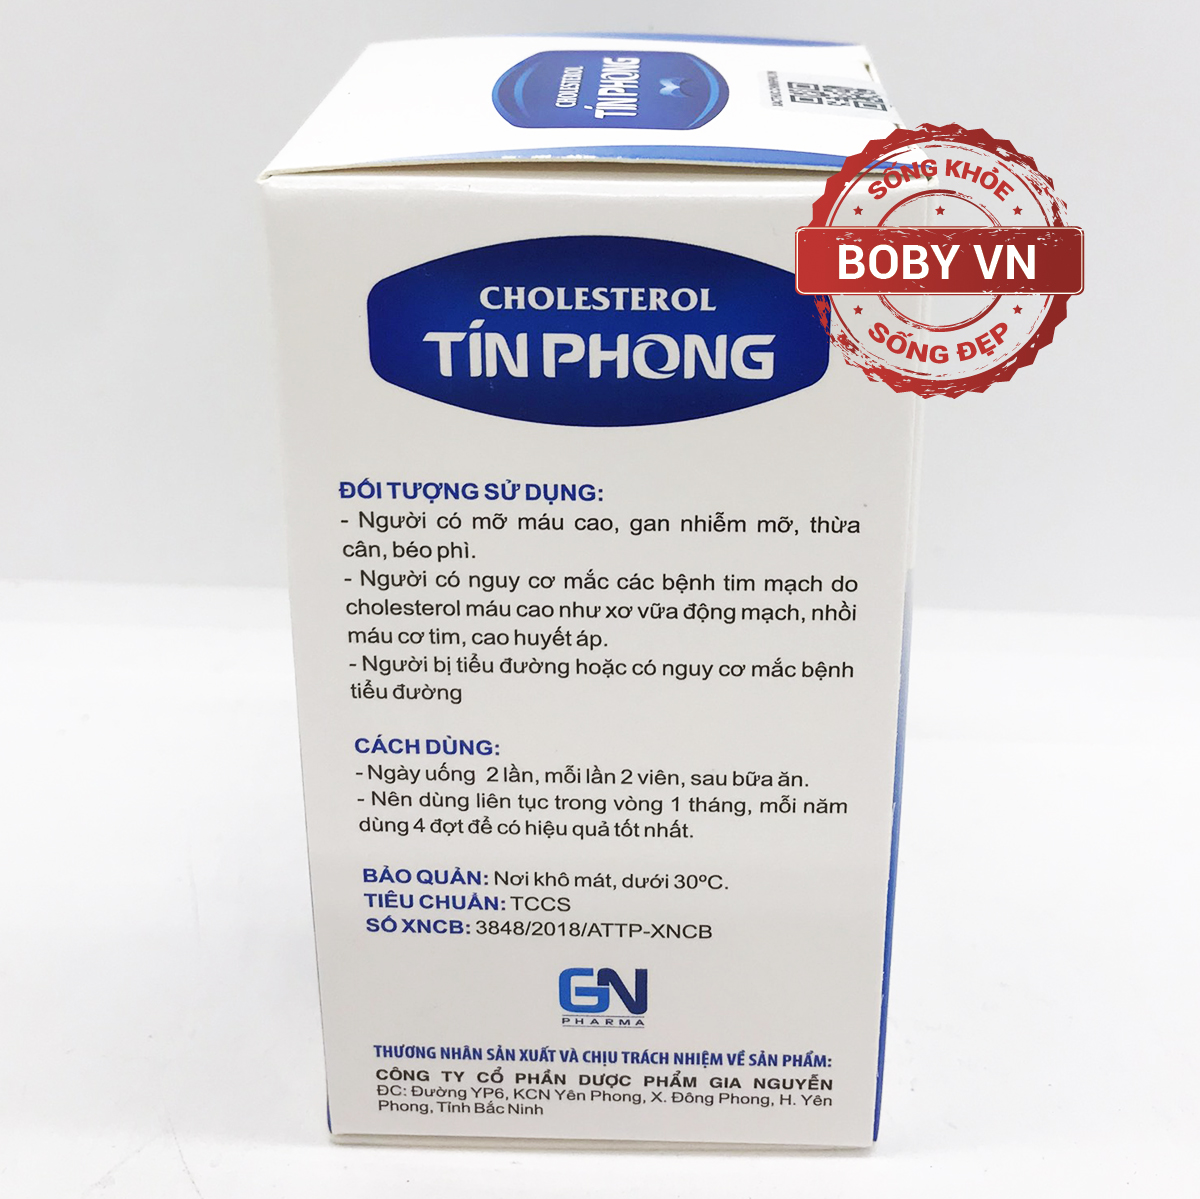 Cholesterol Tín Phong giảm nguy cơ mỡ máu cao (Hộp 30 viên)